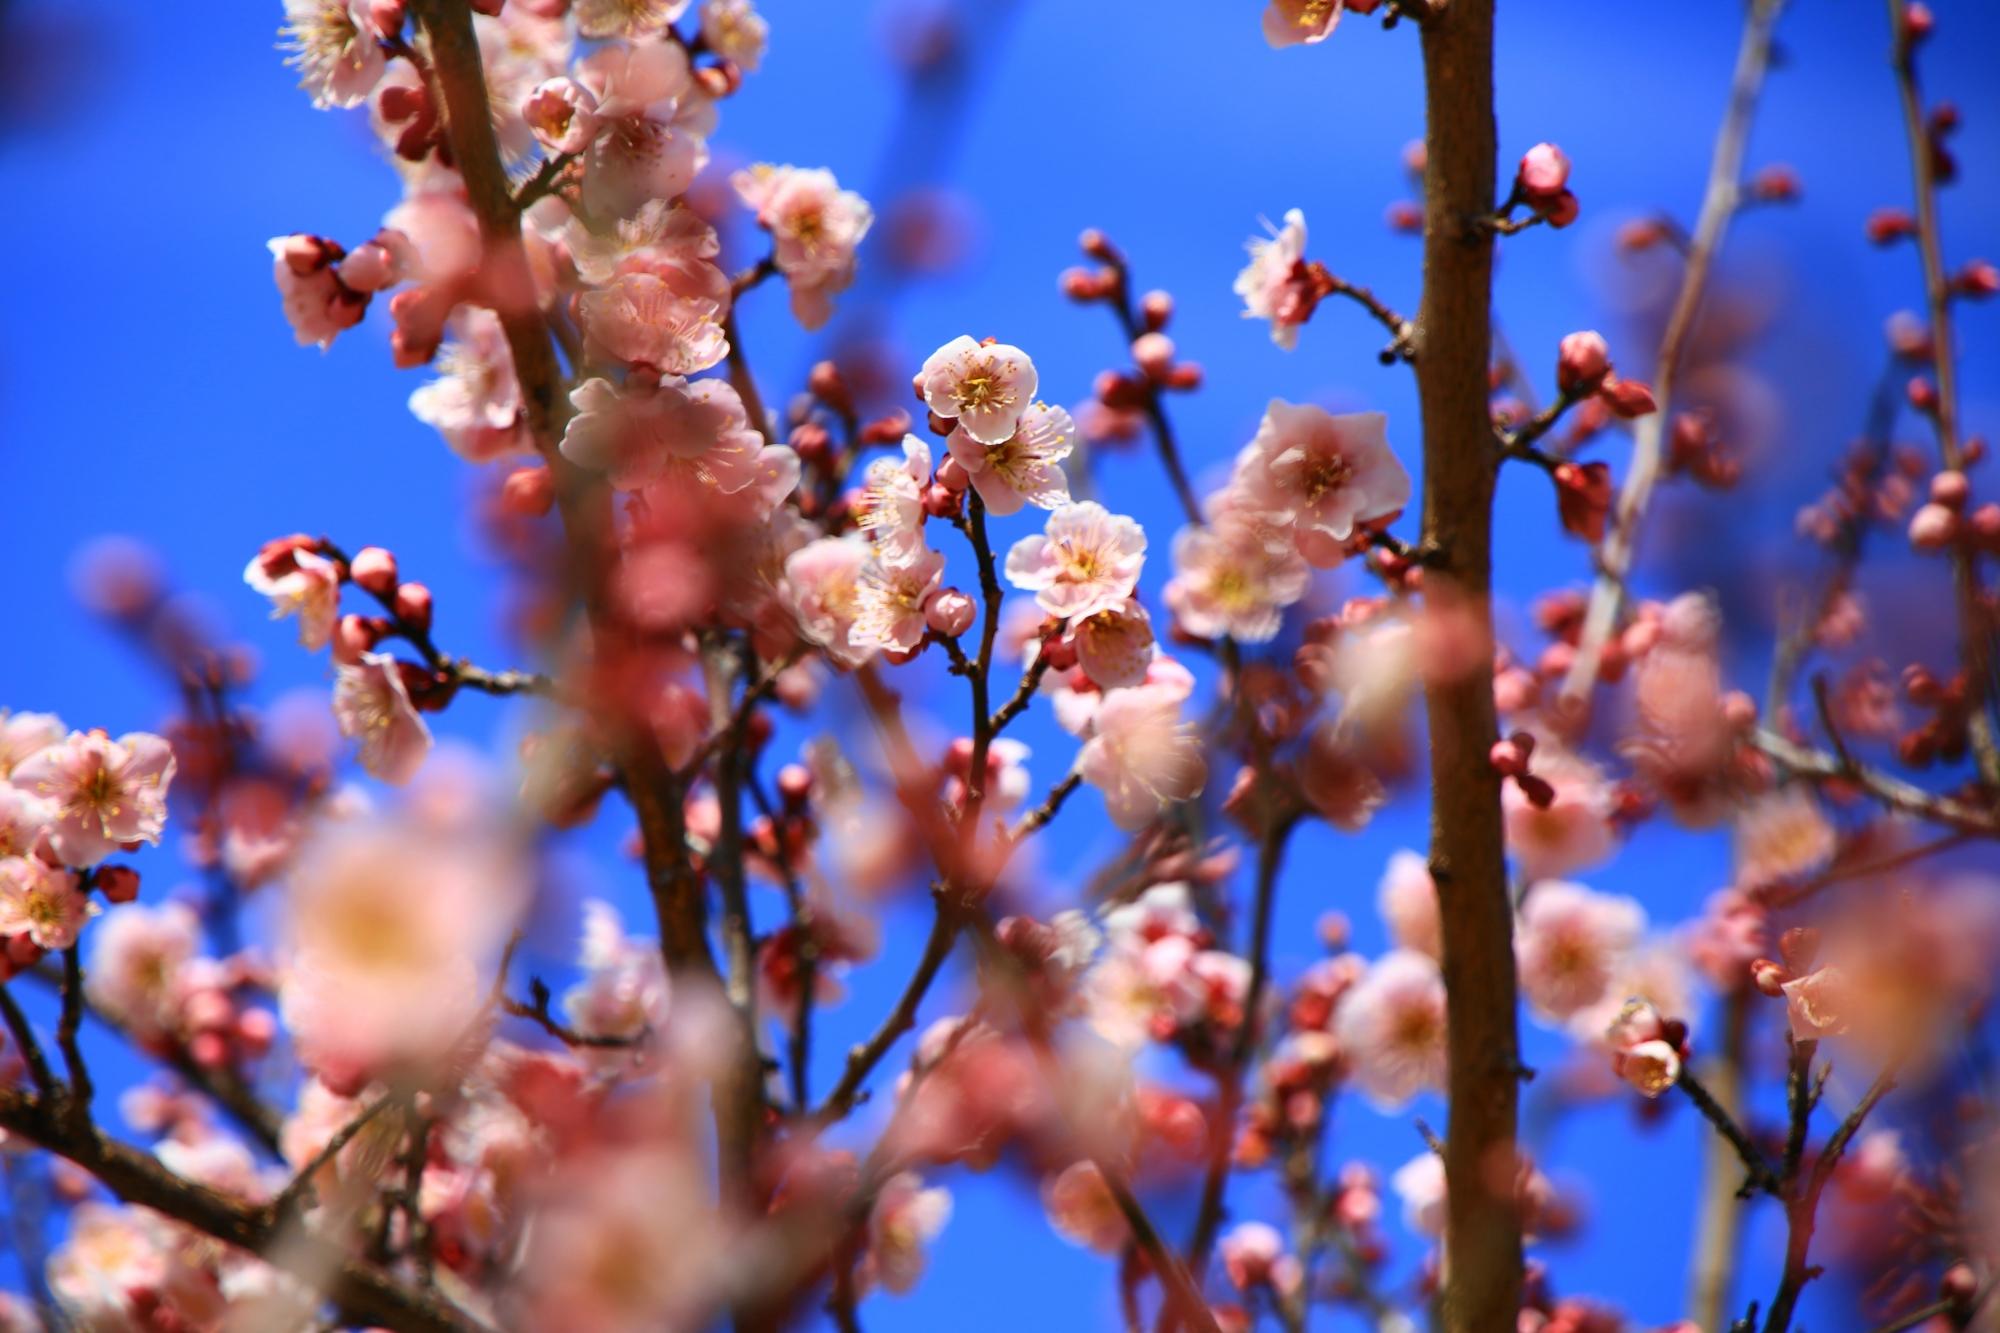 青空に映える薄いピンクの梅の花